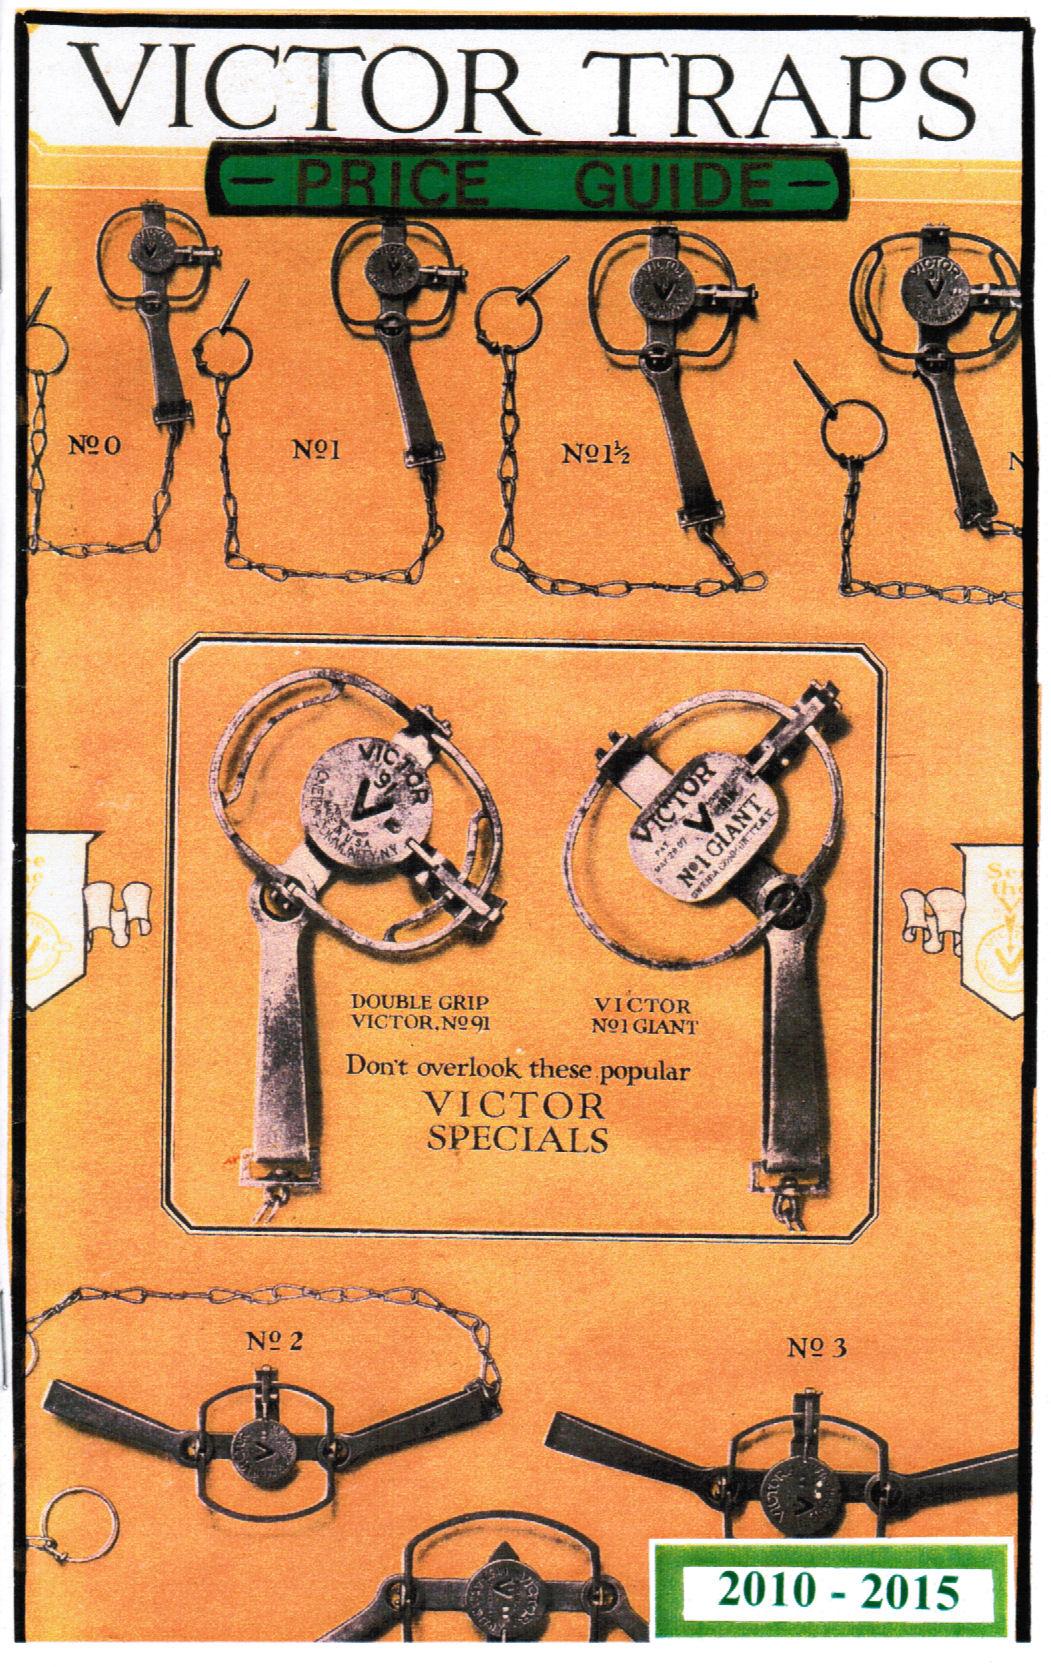 Victor Traps Price Guide